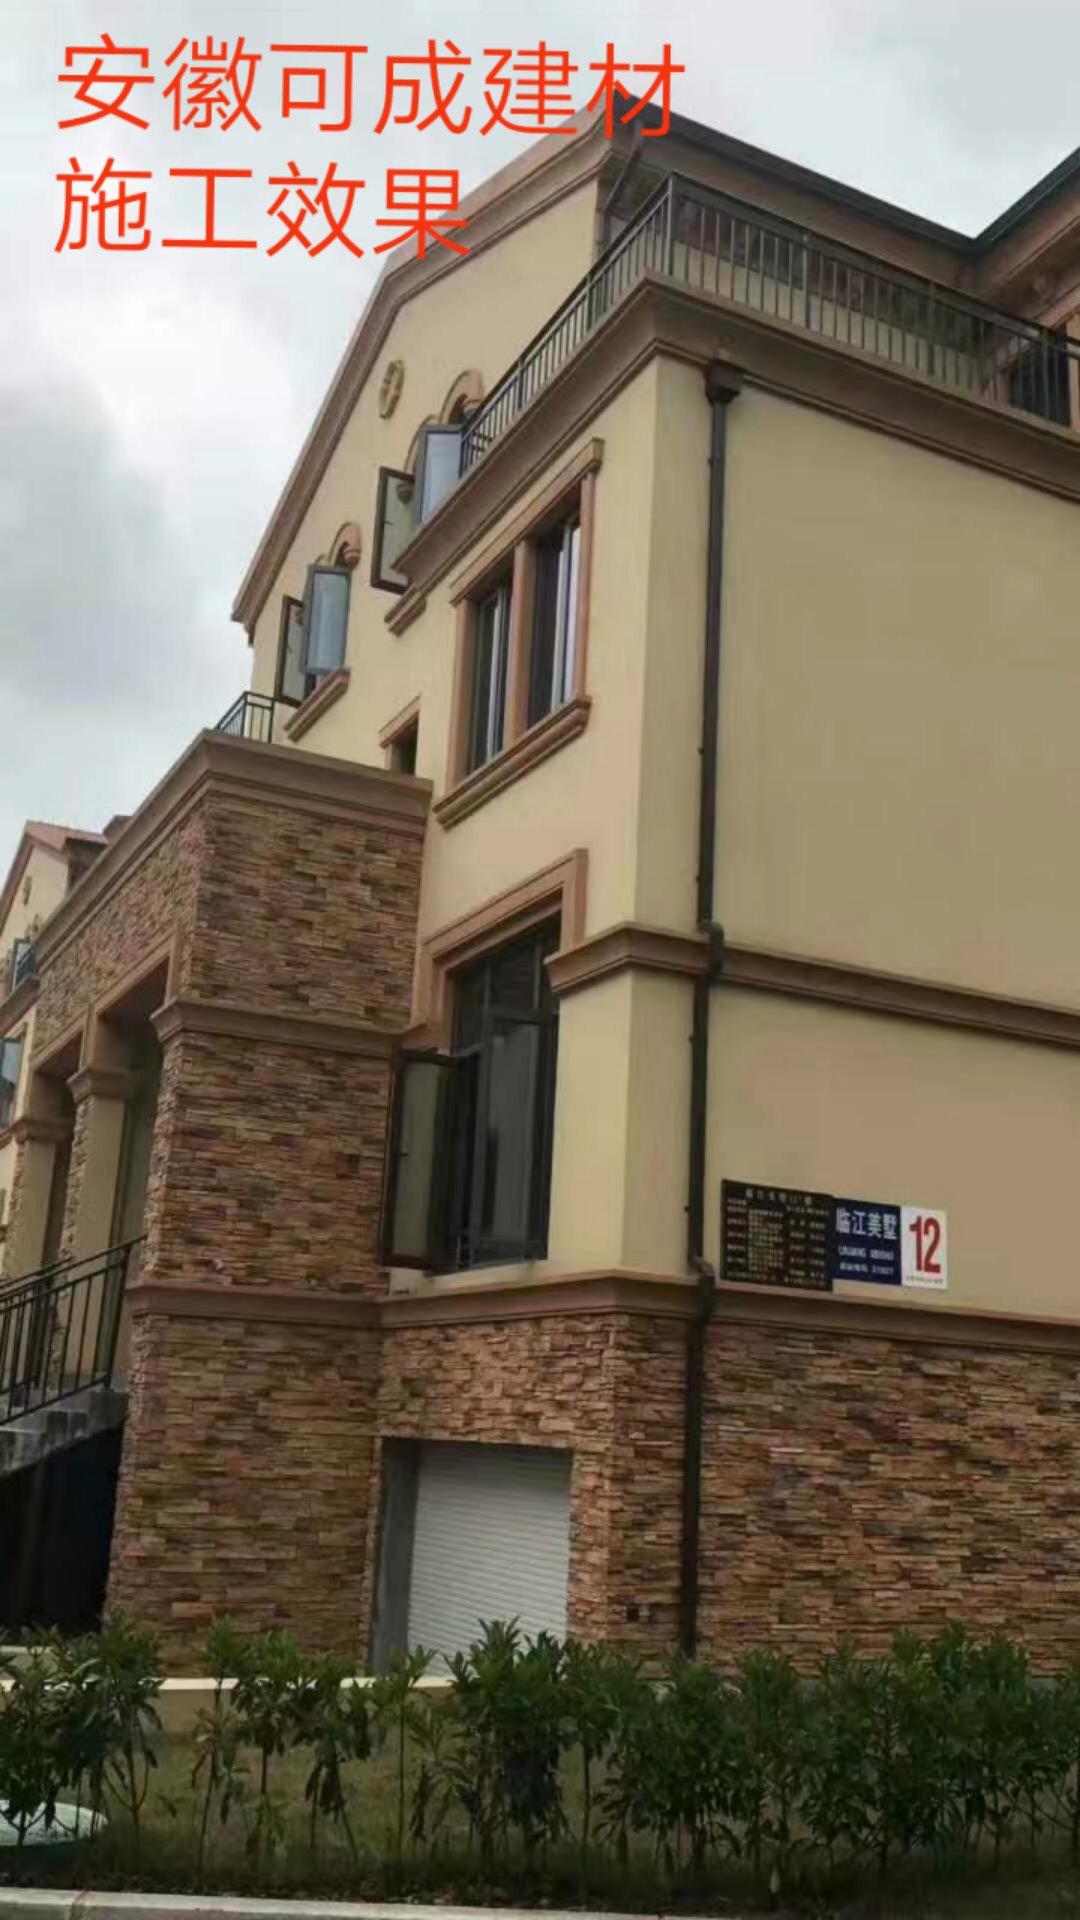 莱芜市住宅屋檐成品天沟的供应商